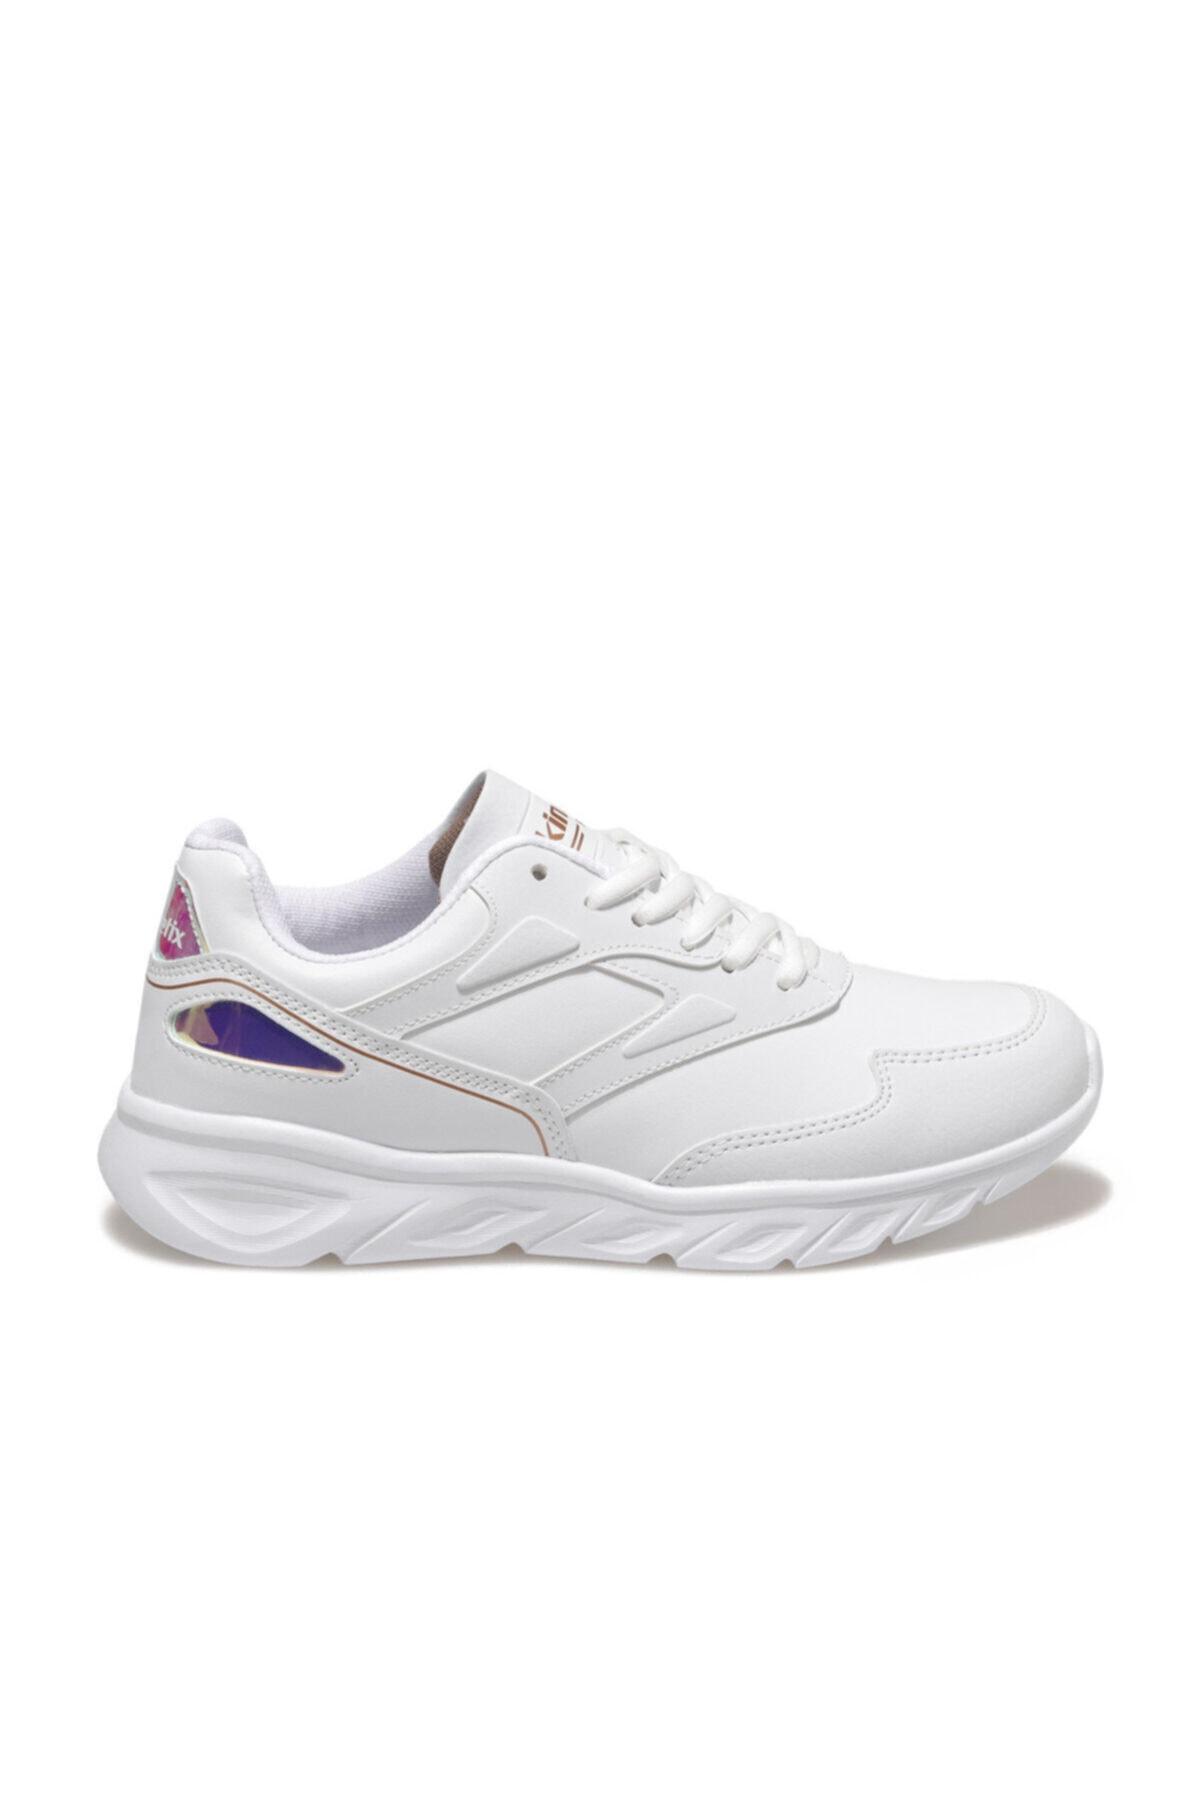 Kinetix BOTAN W Beyaz Kadın Koşu Ayakkabısı 100535509 2